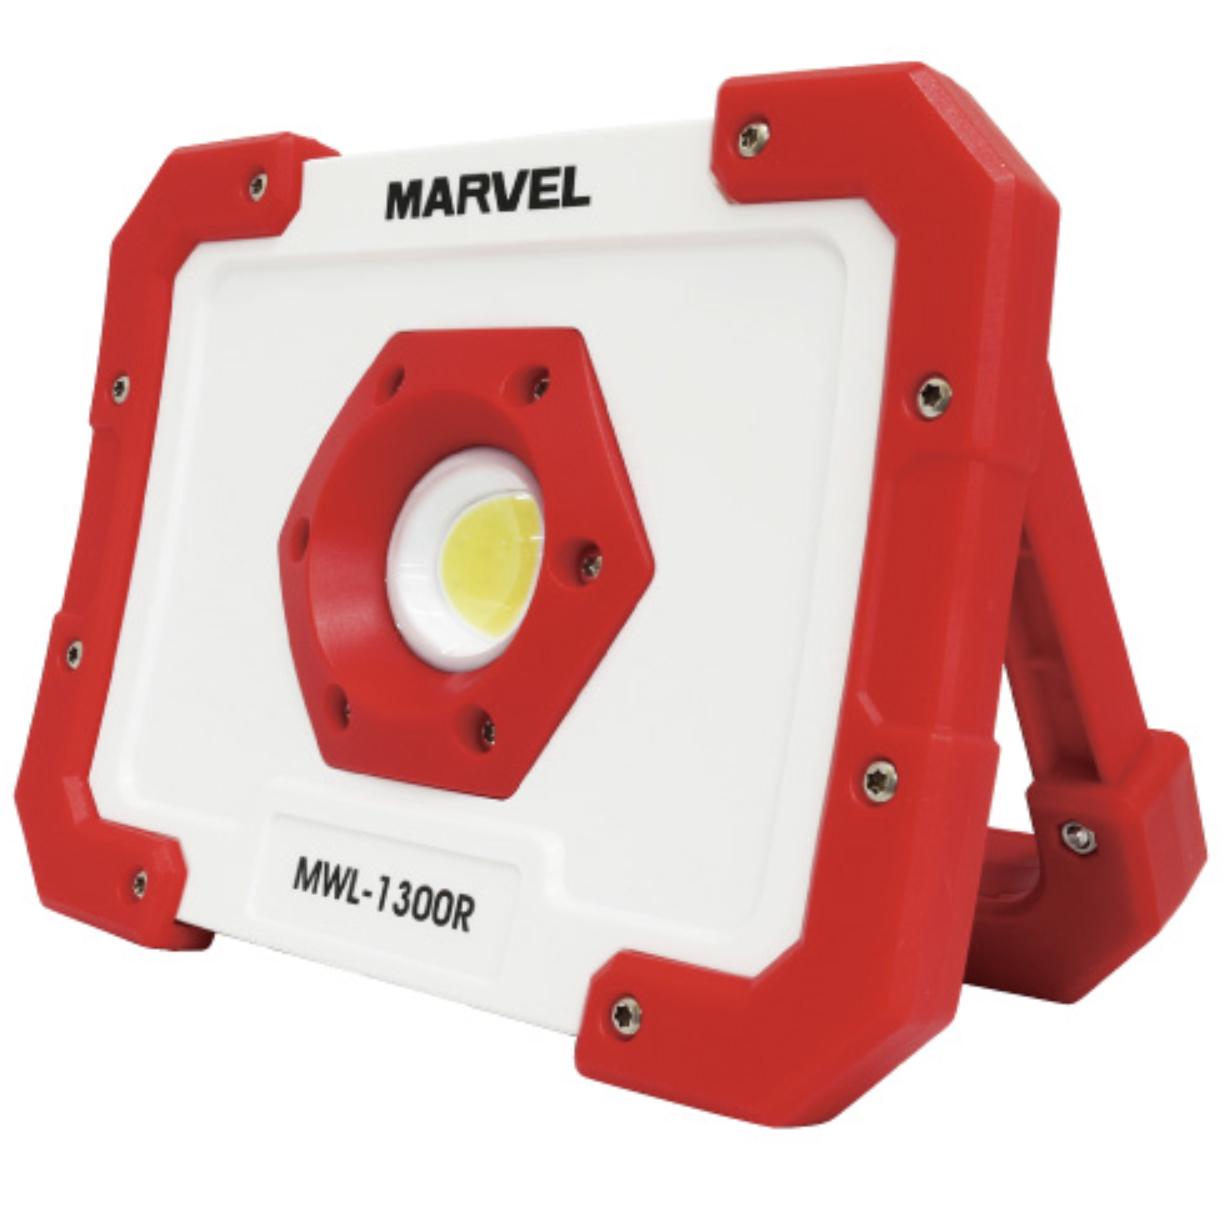 【マーベル】好きな角度で固定できる強力マグネット内蔵ハンドル!『LEDワークライト 充電式(MWL-1300R)』の画像